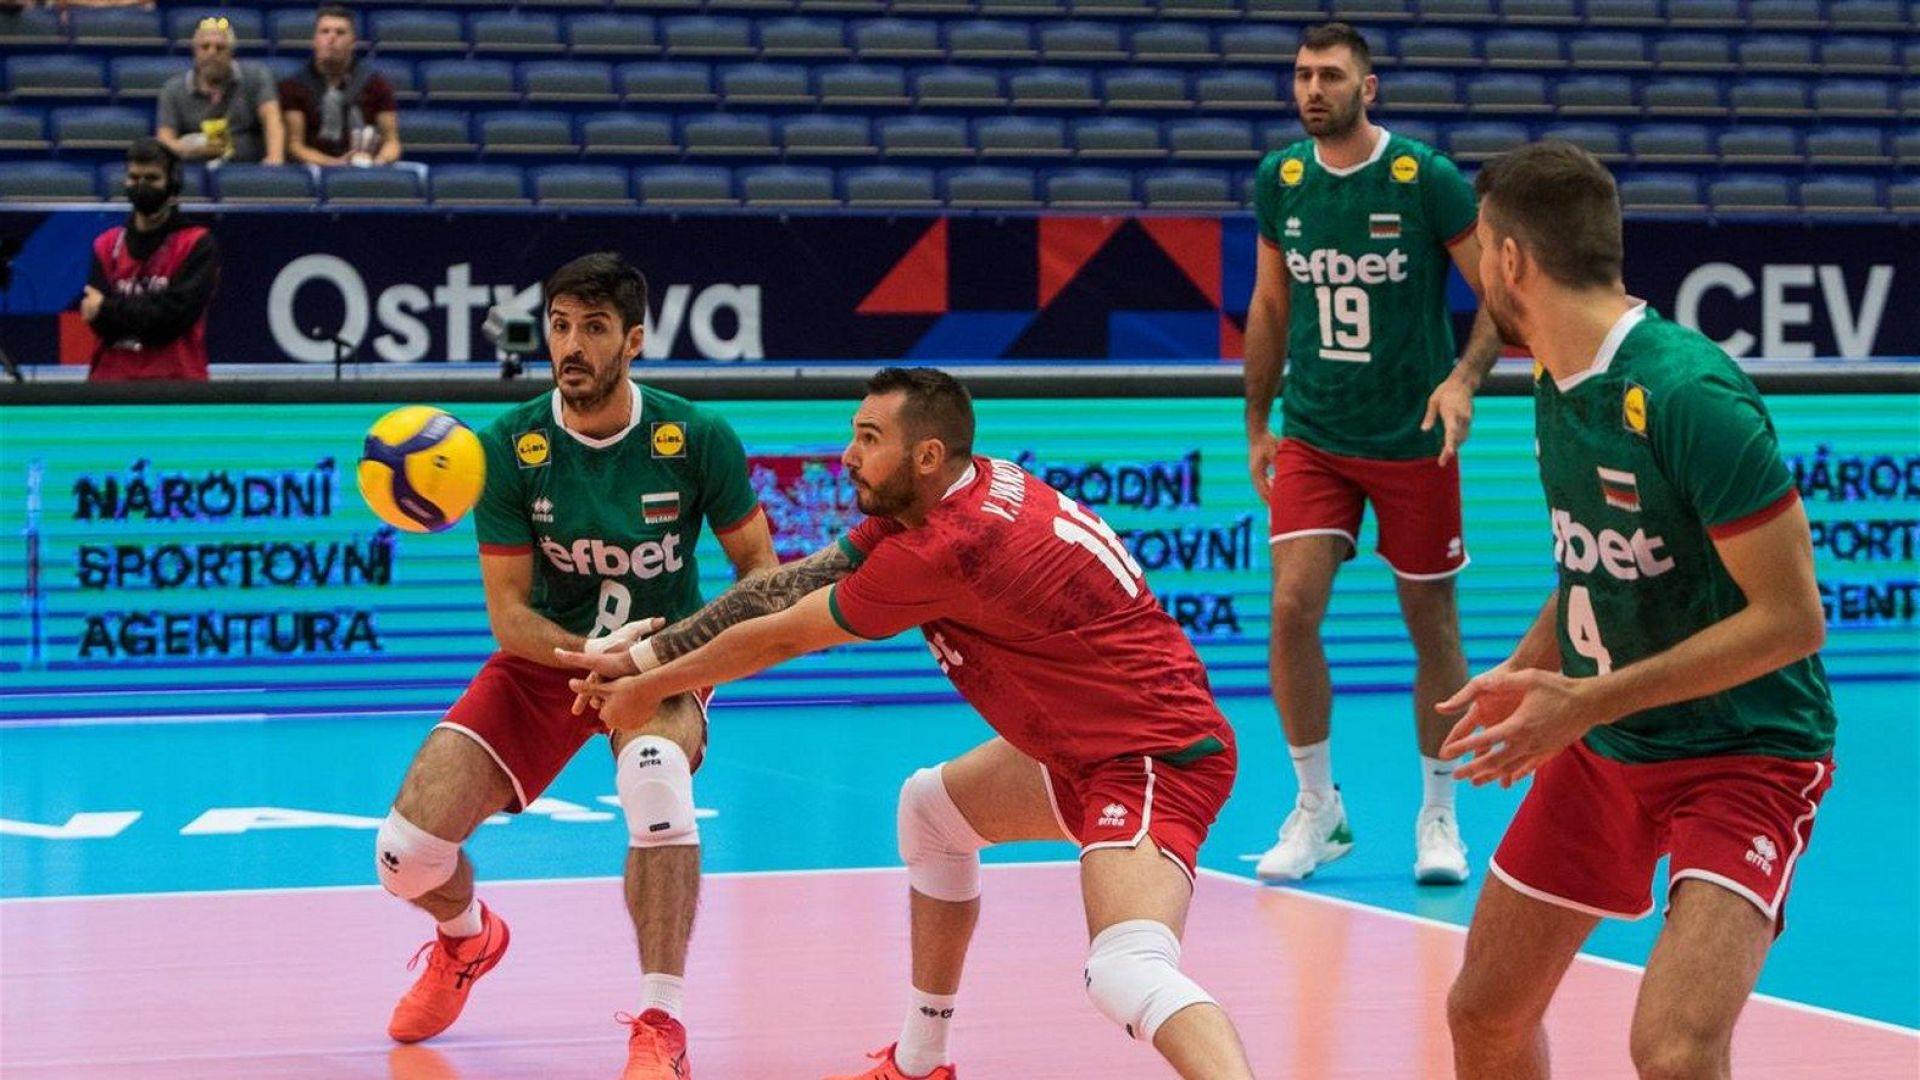 Първа загуба за България: Млада Италия приземи волейболните национали на Европейското